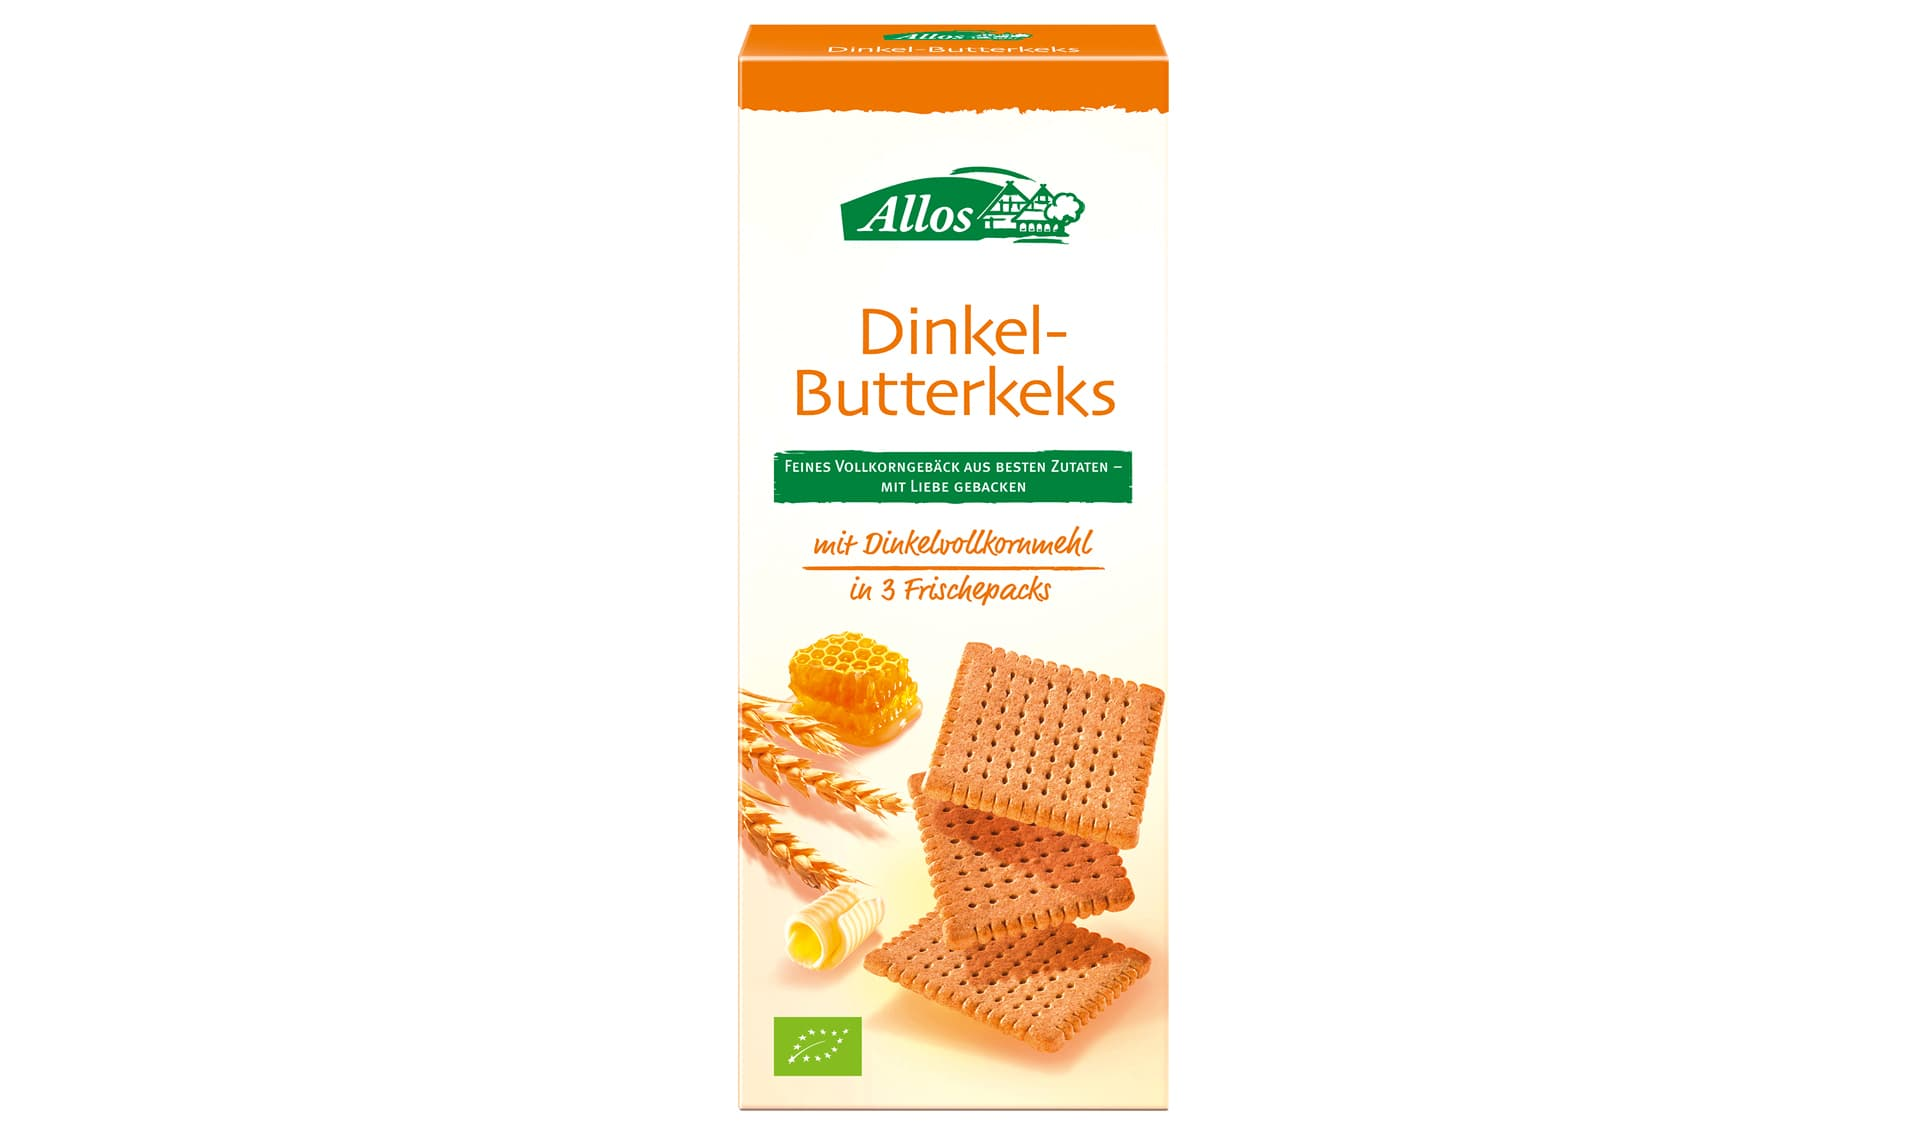 Allos Dinkel-Butterkeks (www.allos.de)